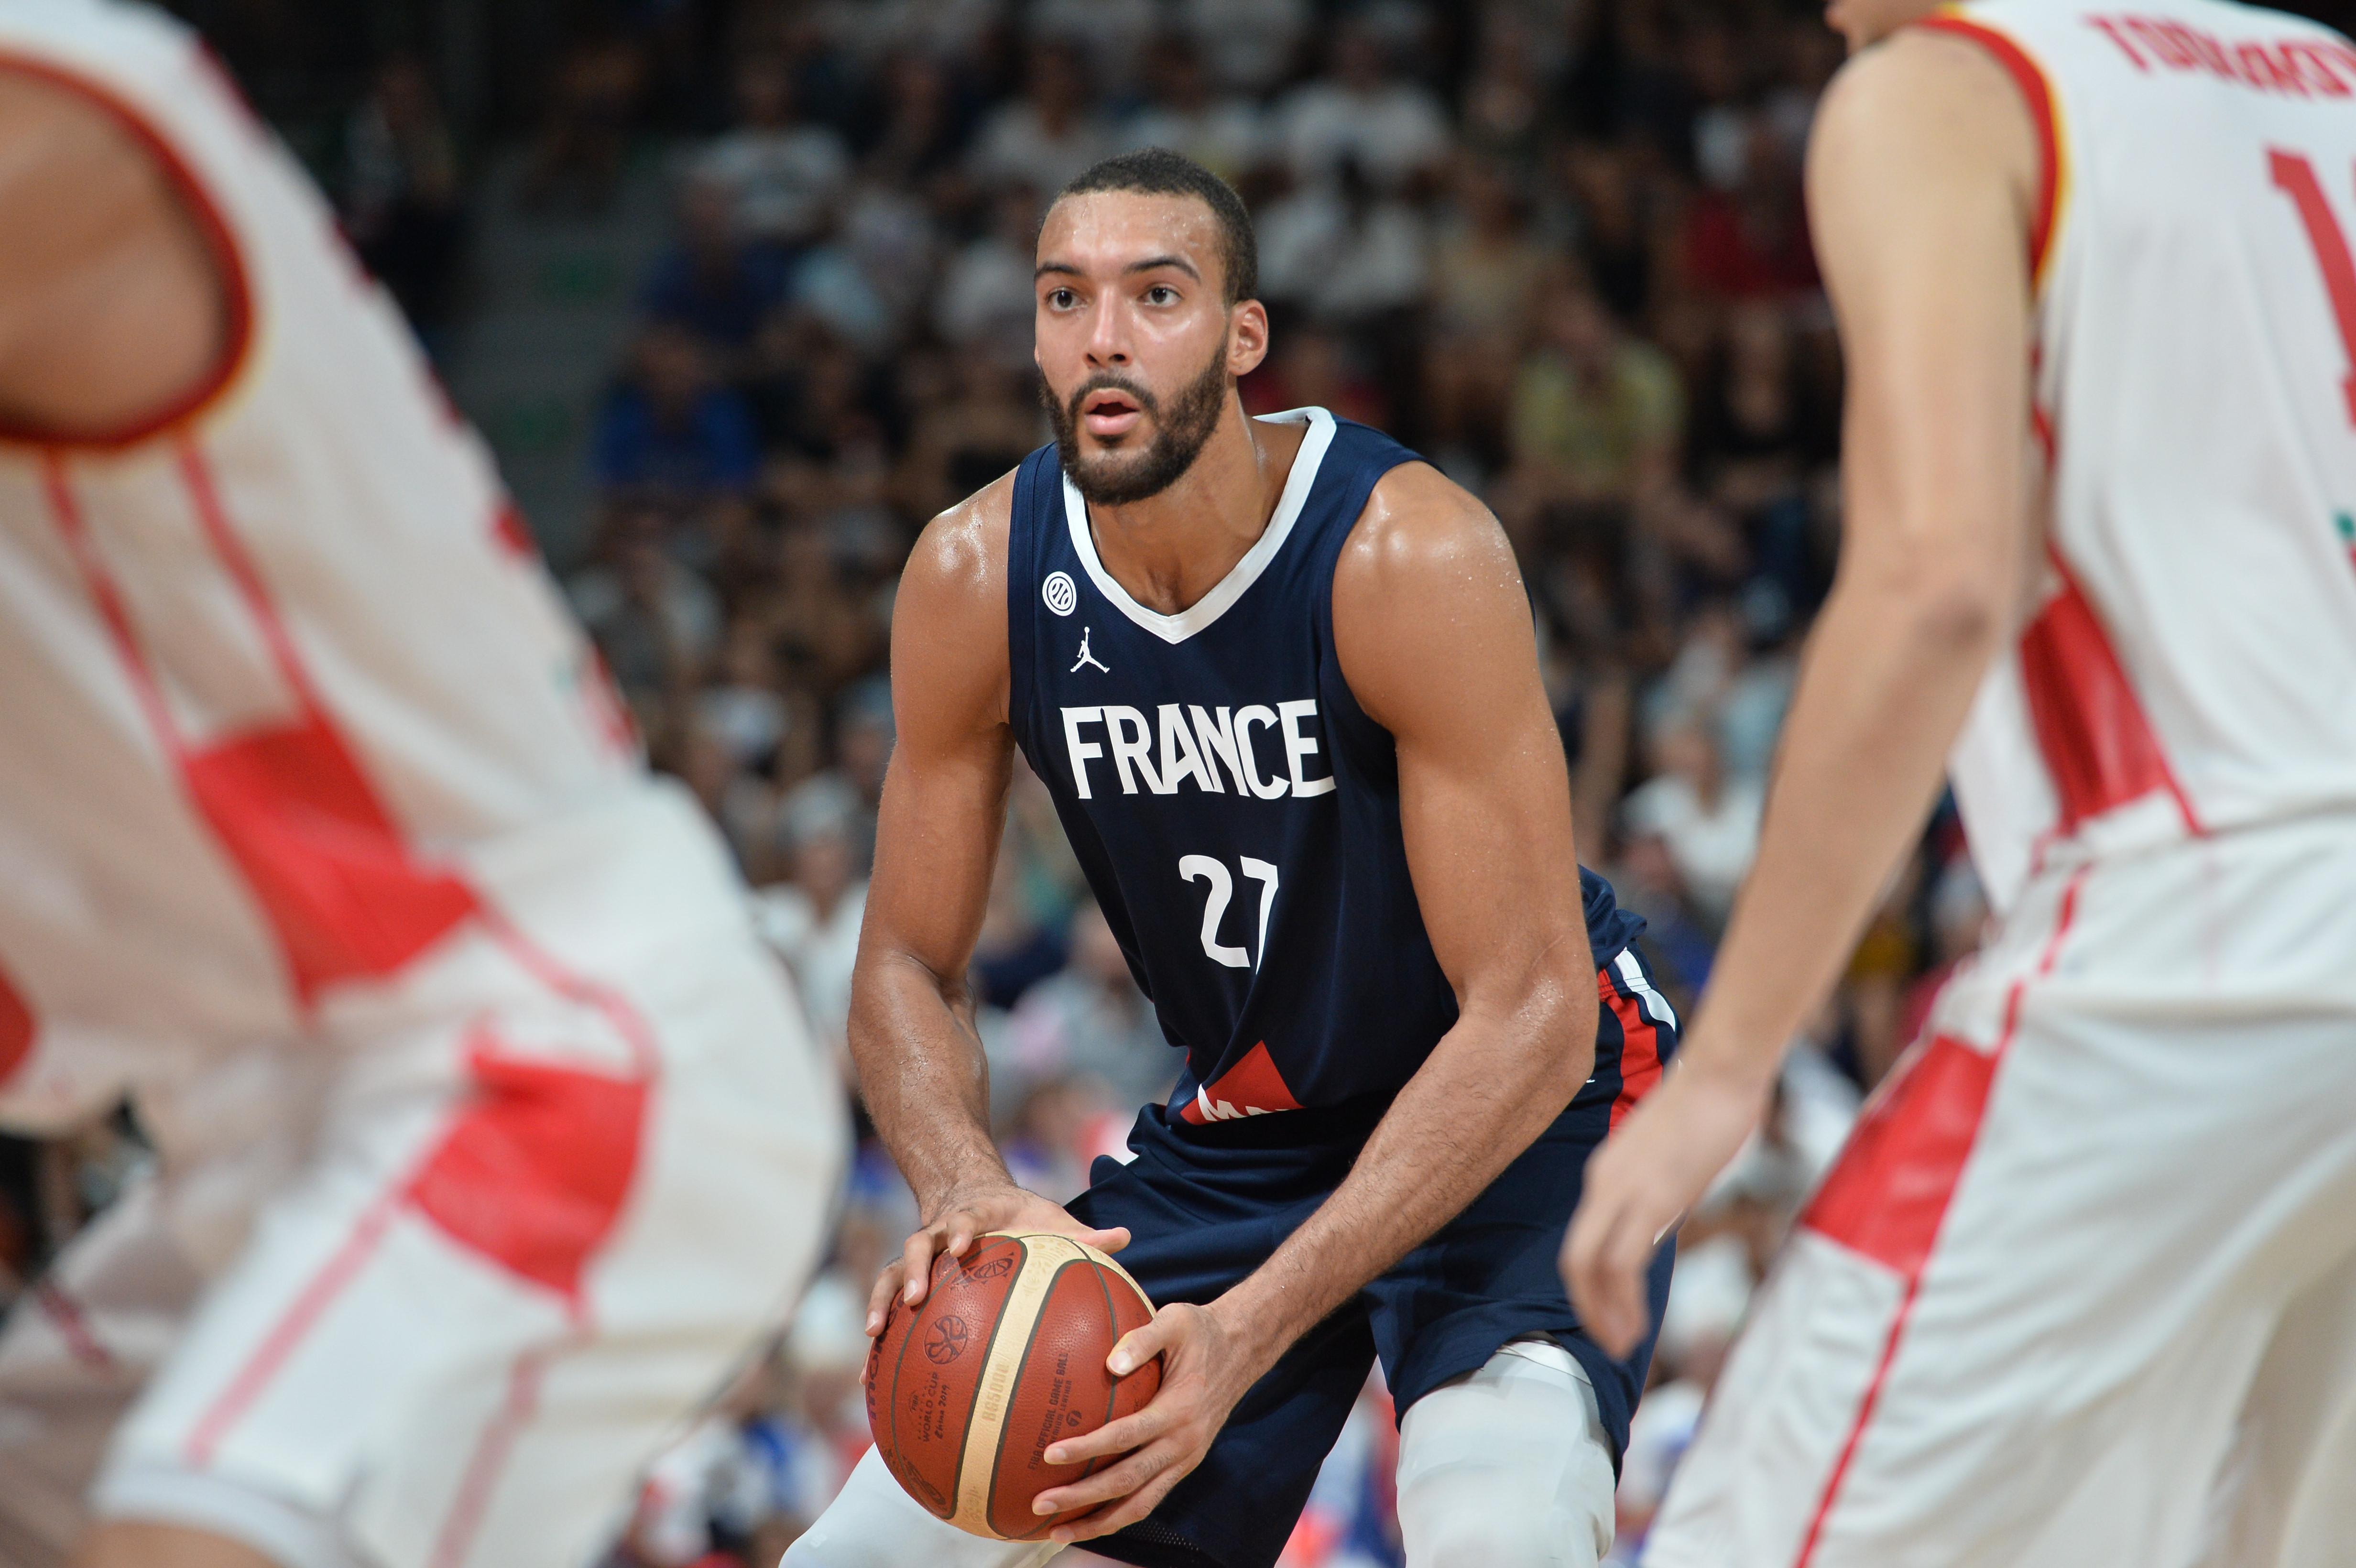 Basket - Equipe de France - Les Bleus en quête de renouveau à la Coupe du monde